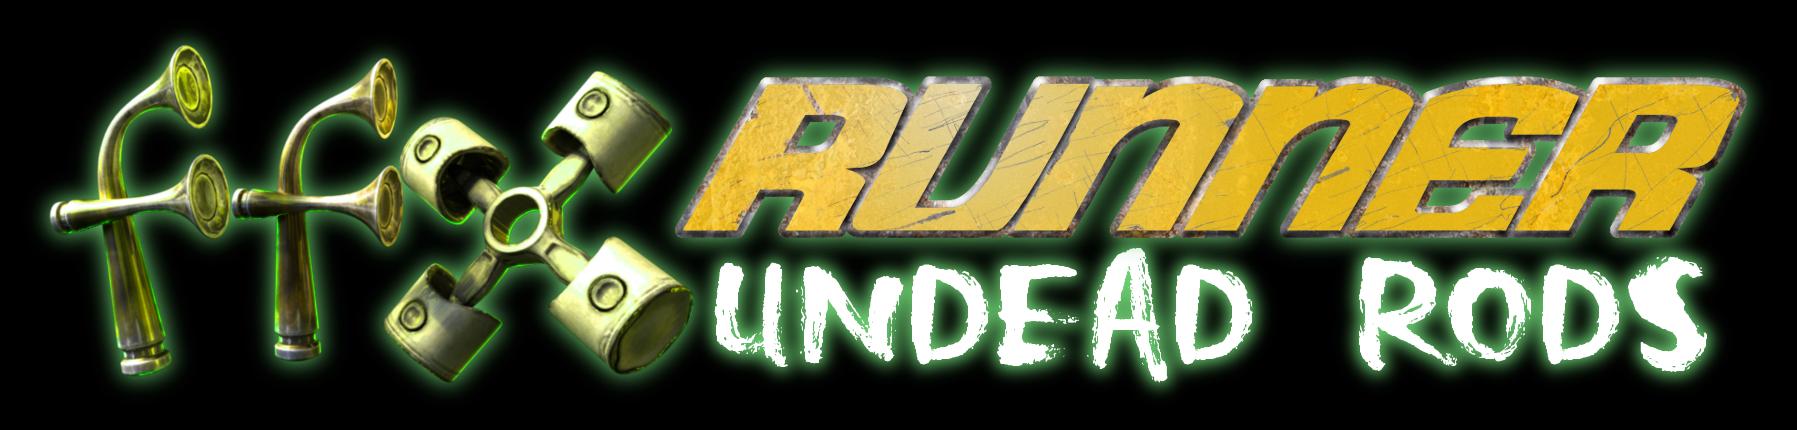 FFX Rinner Undead Rods